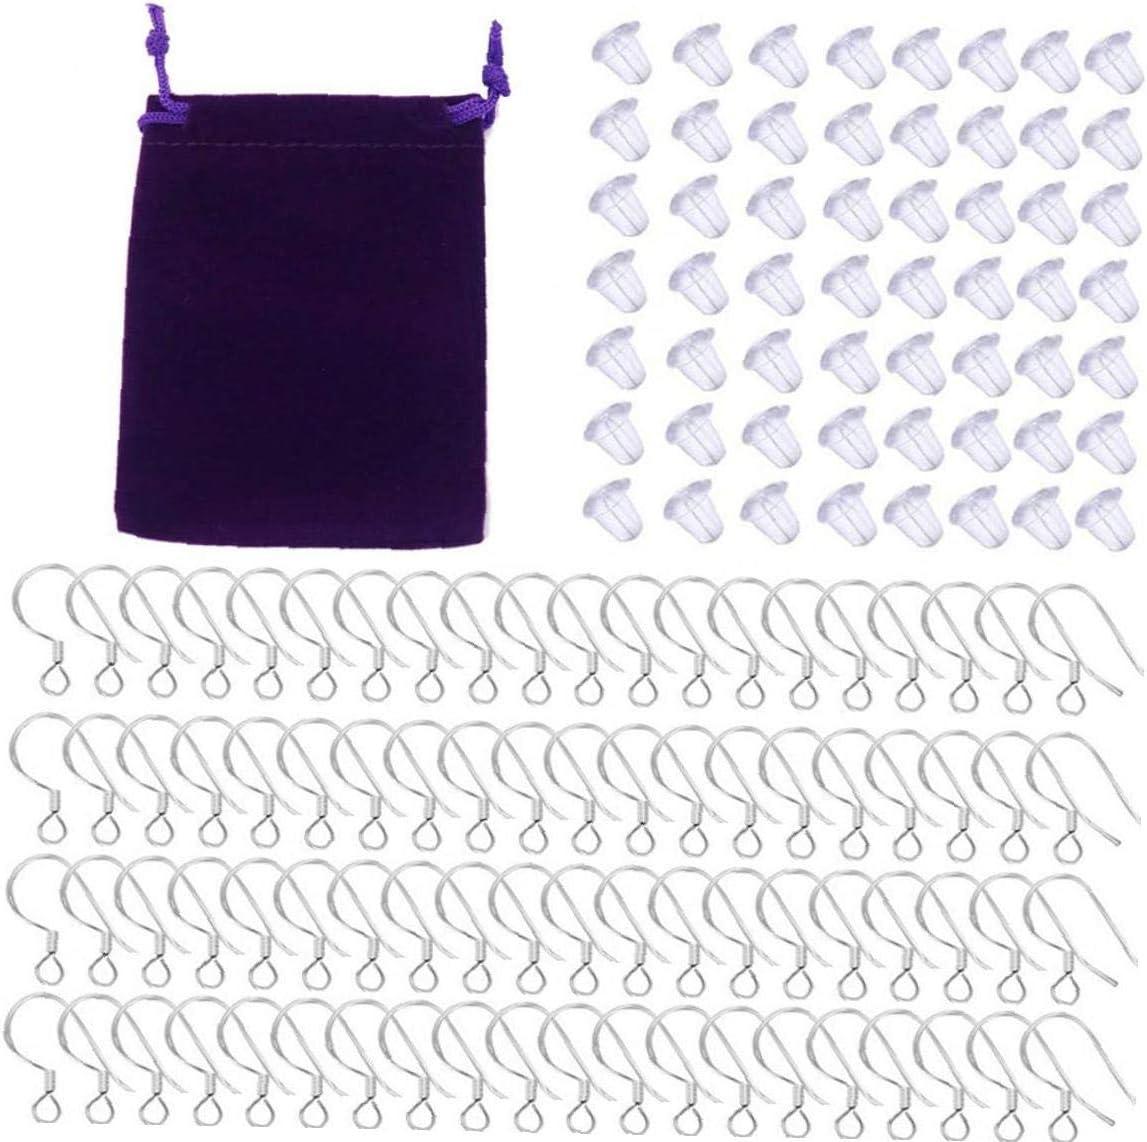 Pendiente del juego del gancho DIY joyería que hace el kit con 925 alambres del oído del pendiente de plata esterlina de goma Backs pendiente Pecezuelos Conjunto de bricolaje joyería que hace 2 Set